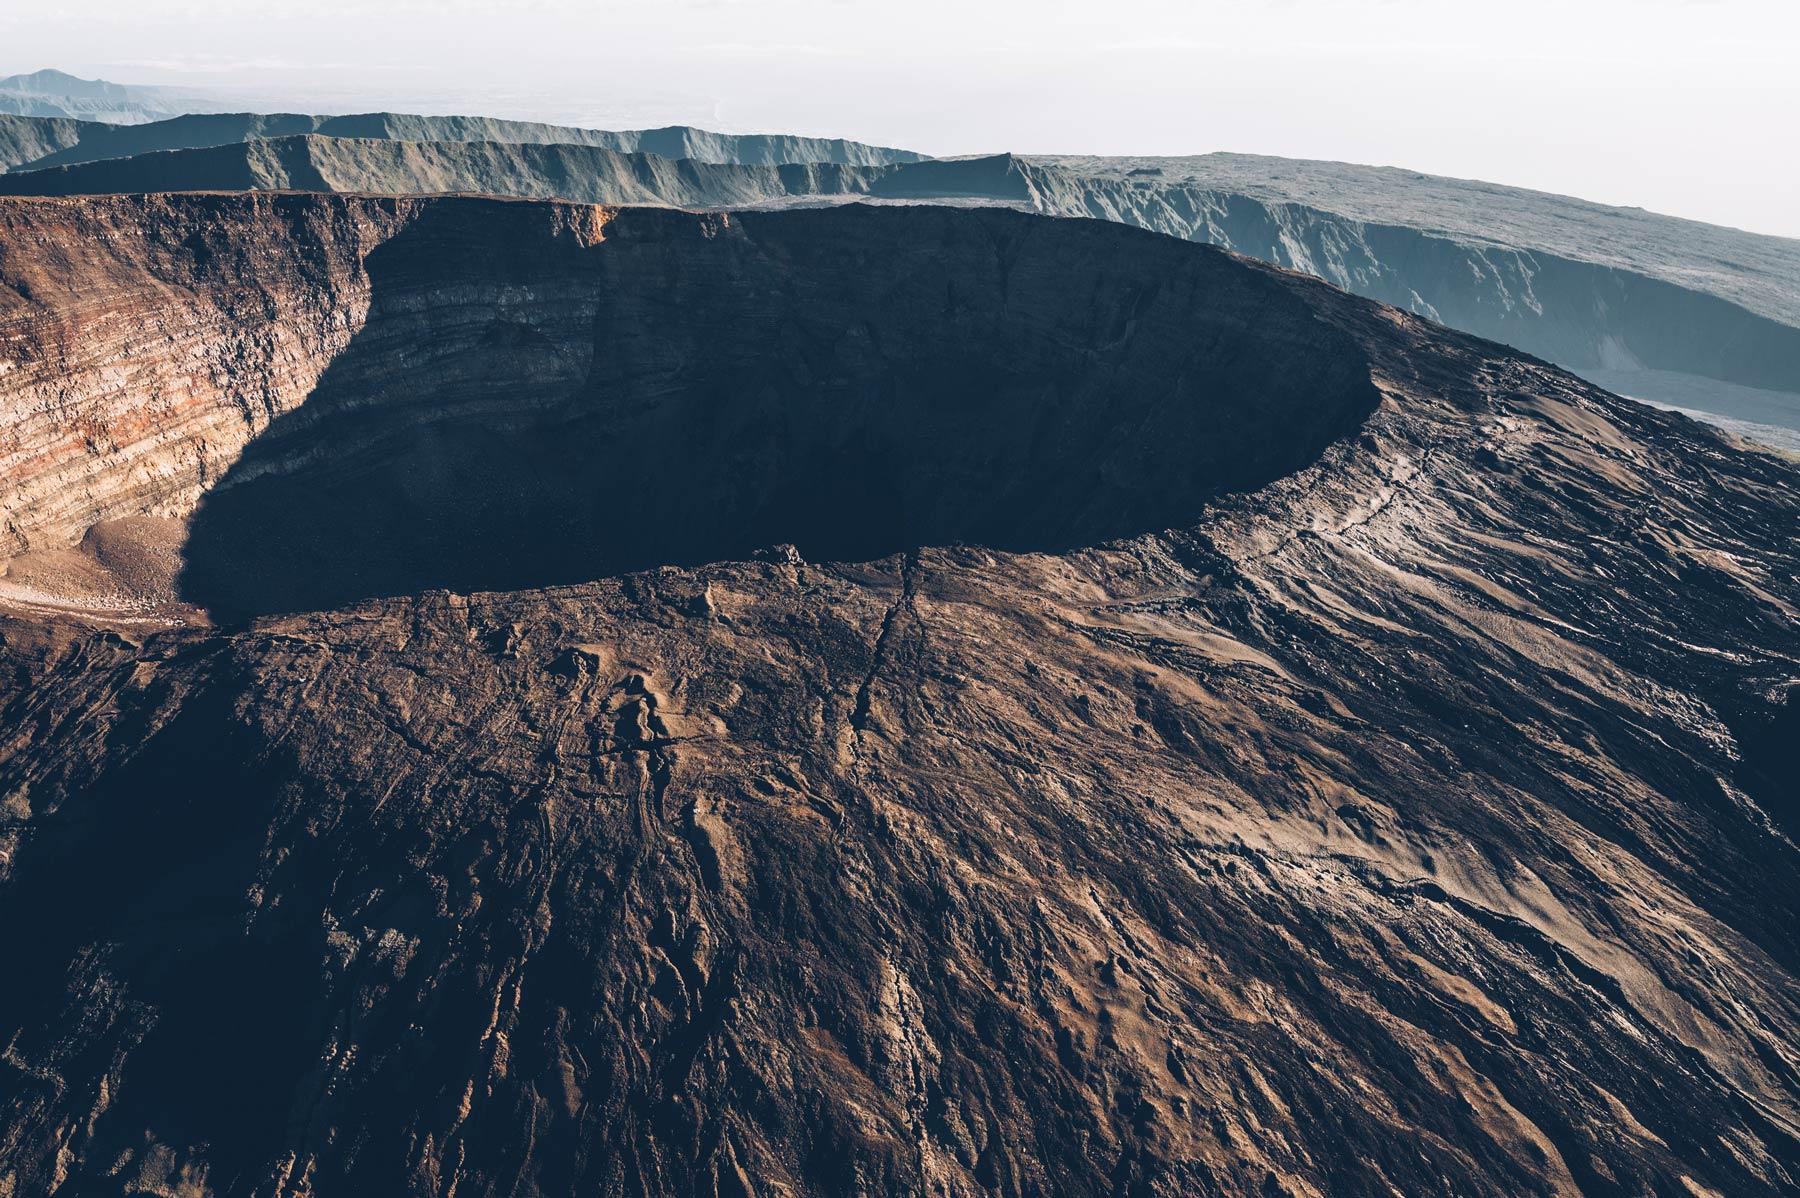 Piton de la Fournaise, Volcan La Réunion